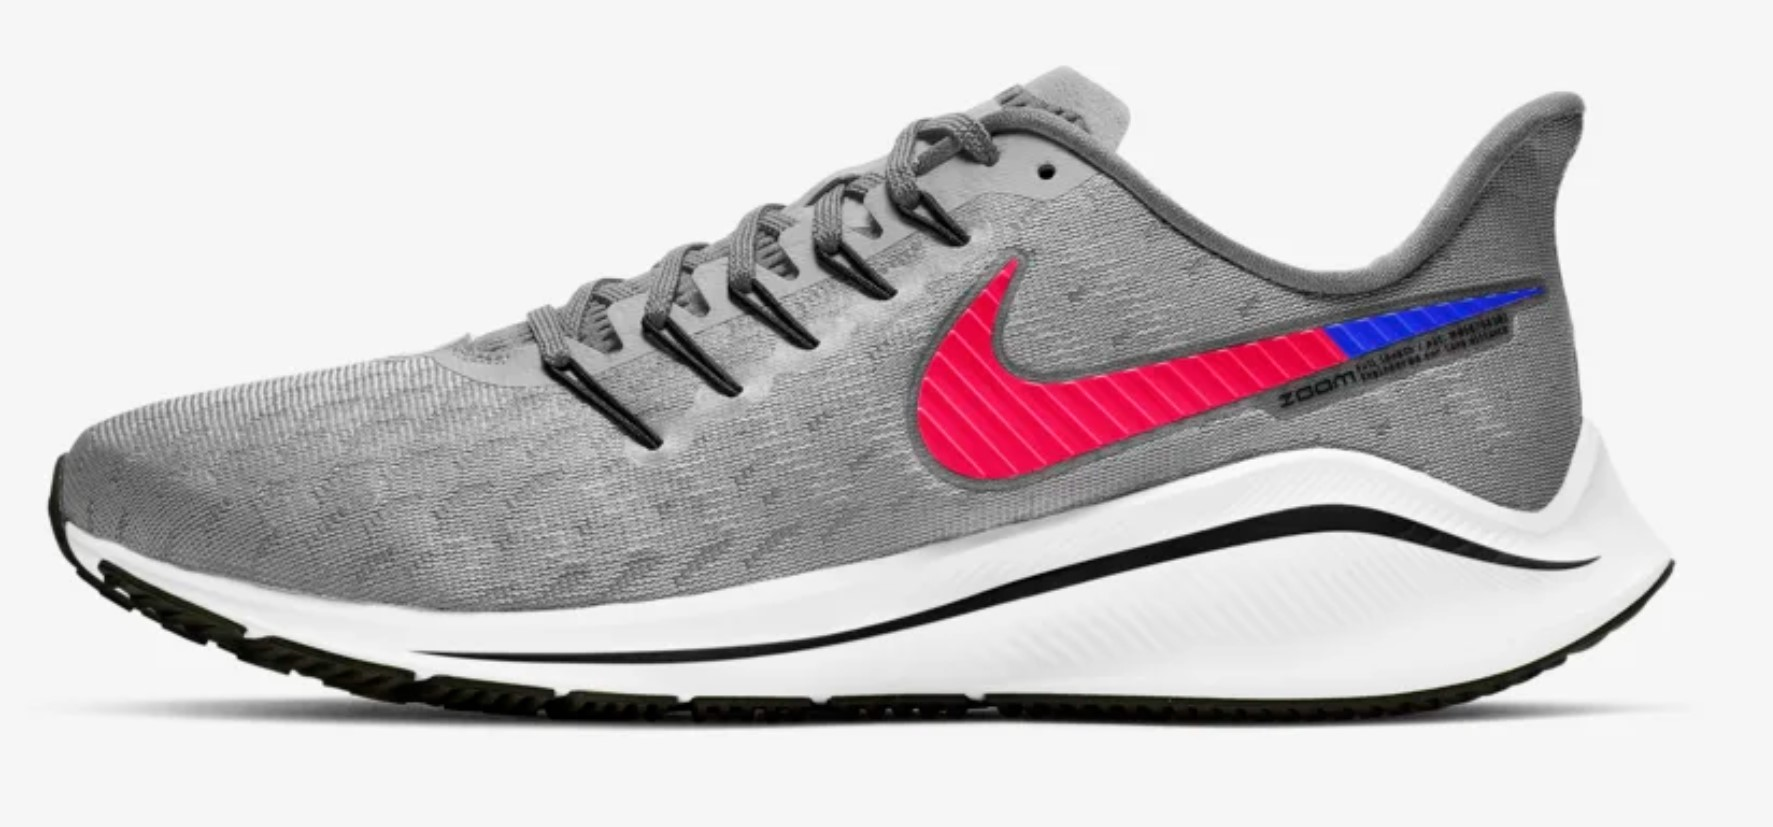 Zapatillas de running - Hombre Nike Air Zoom Vomero 14